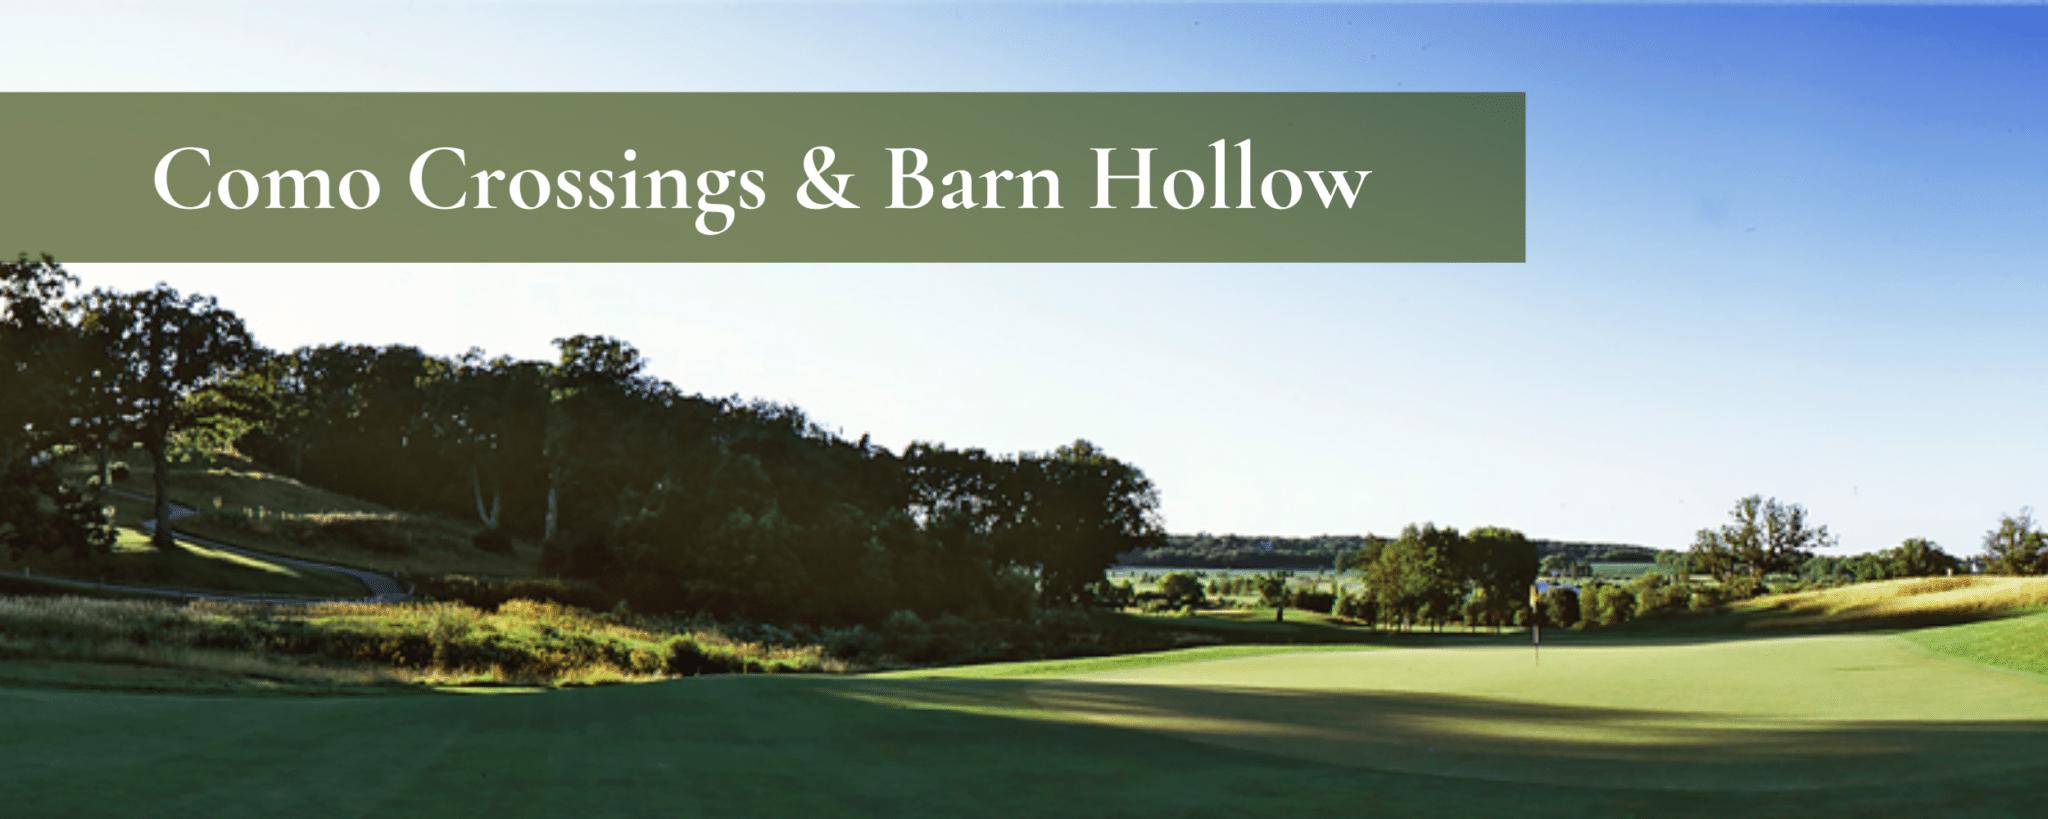 Como Crossings & Barn Hollow